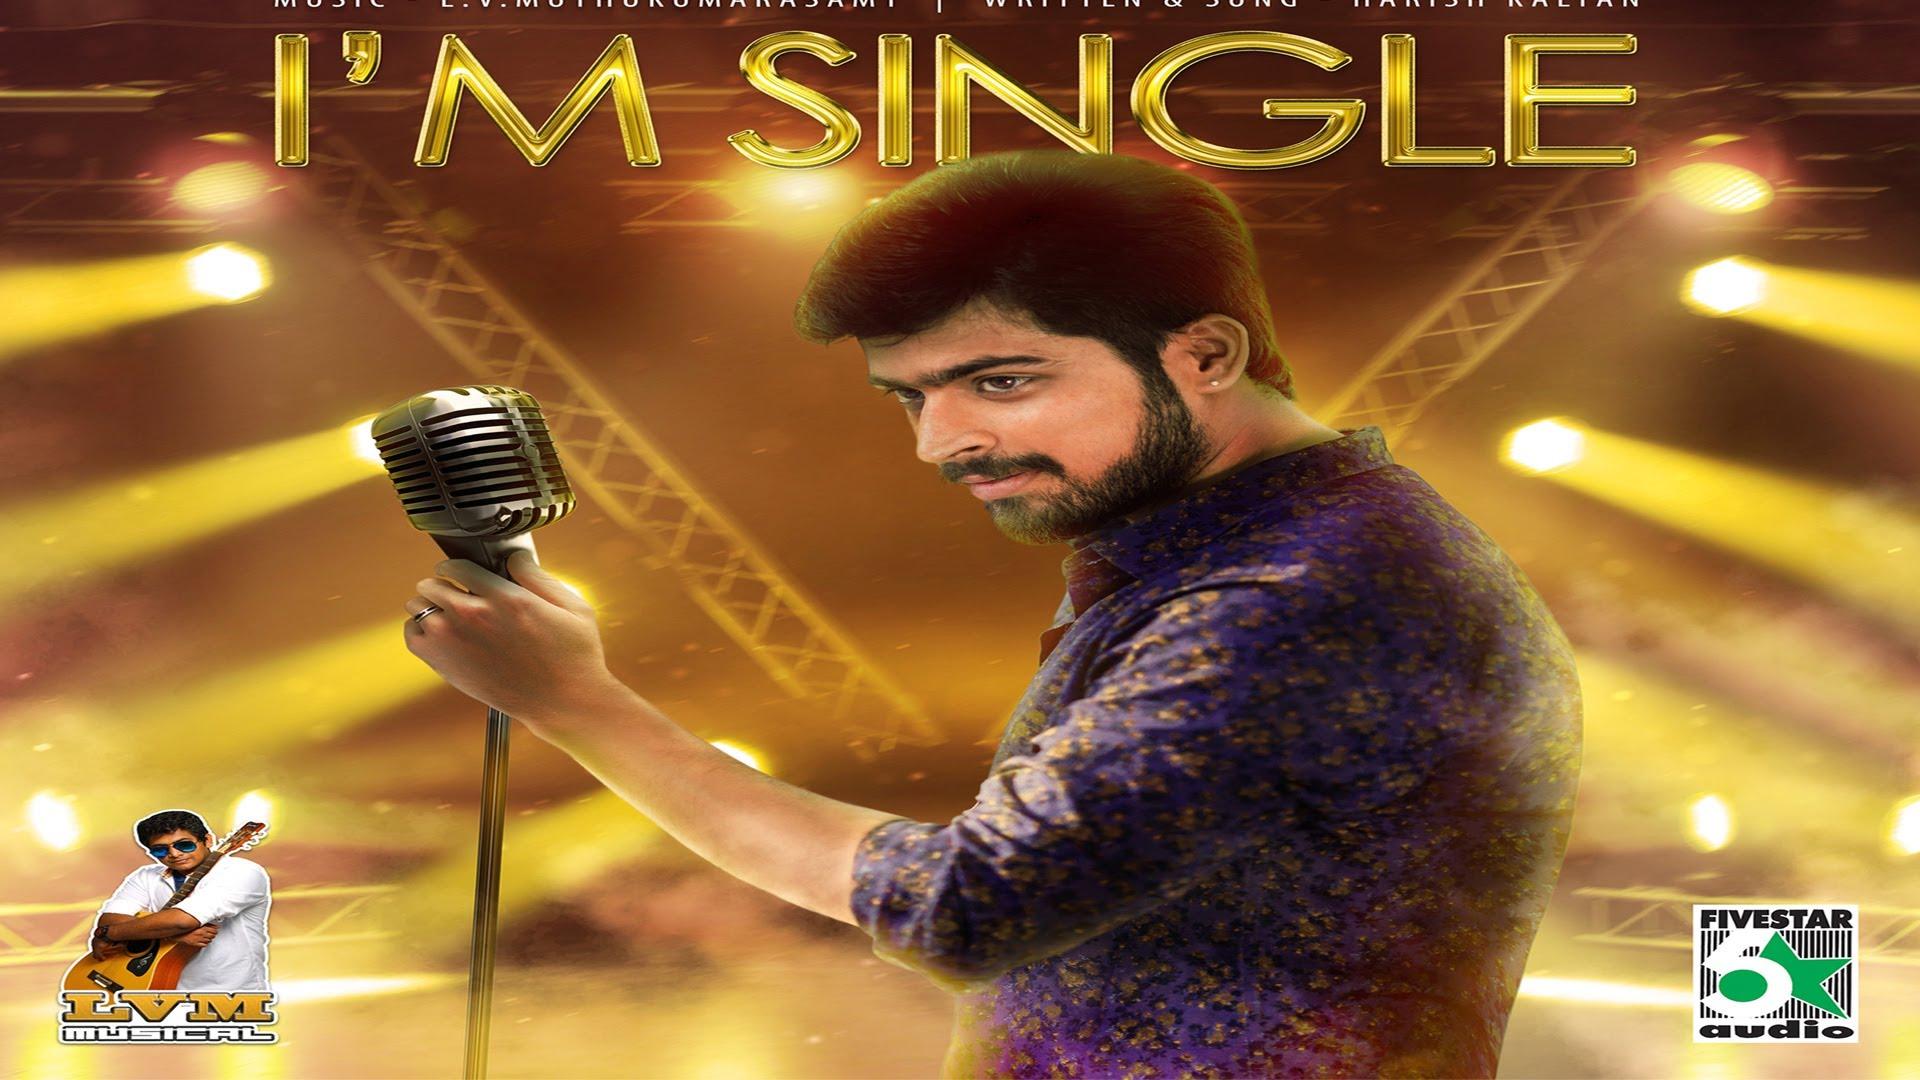 Harish Kalyan im single im ready to mingle